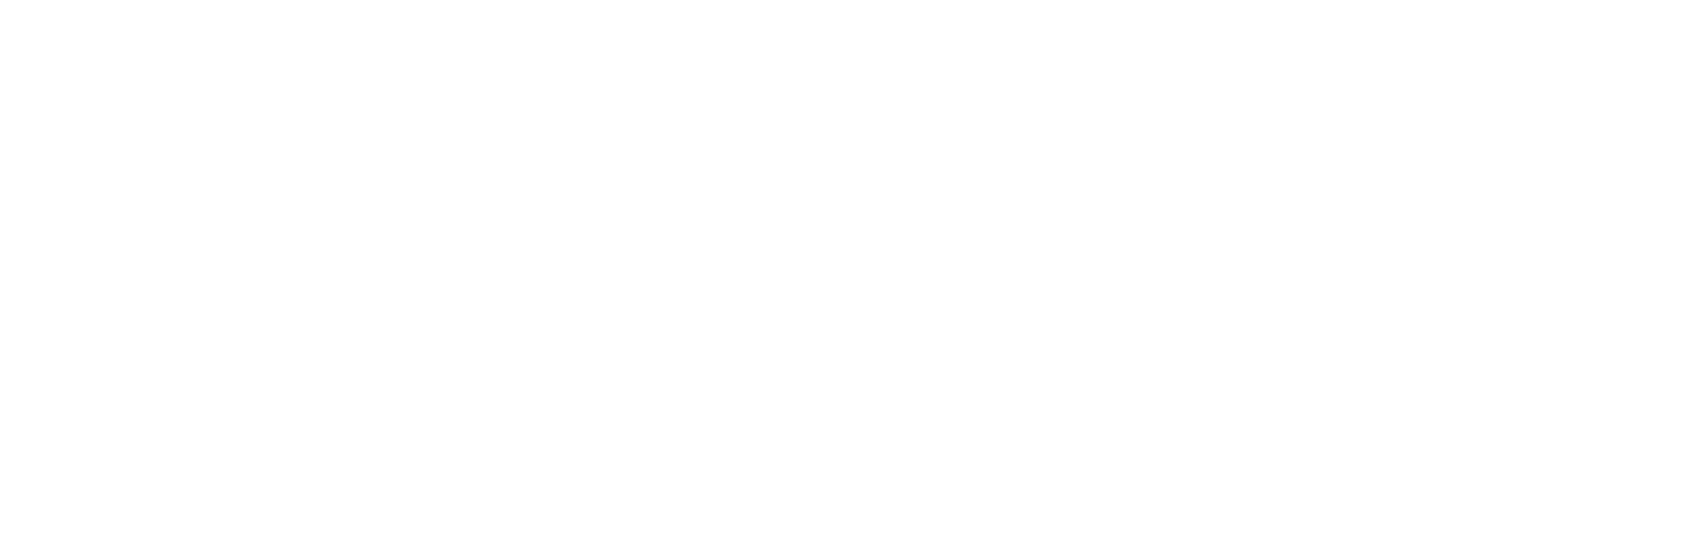 DIE MOBILE DUSCHE | Schmacher GmbH